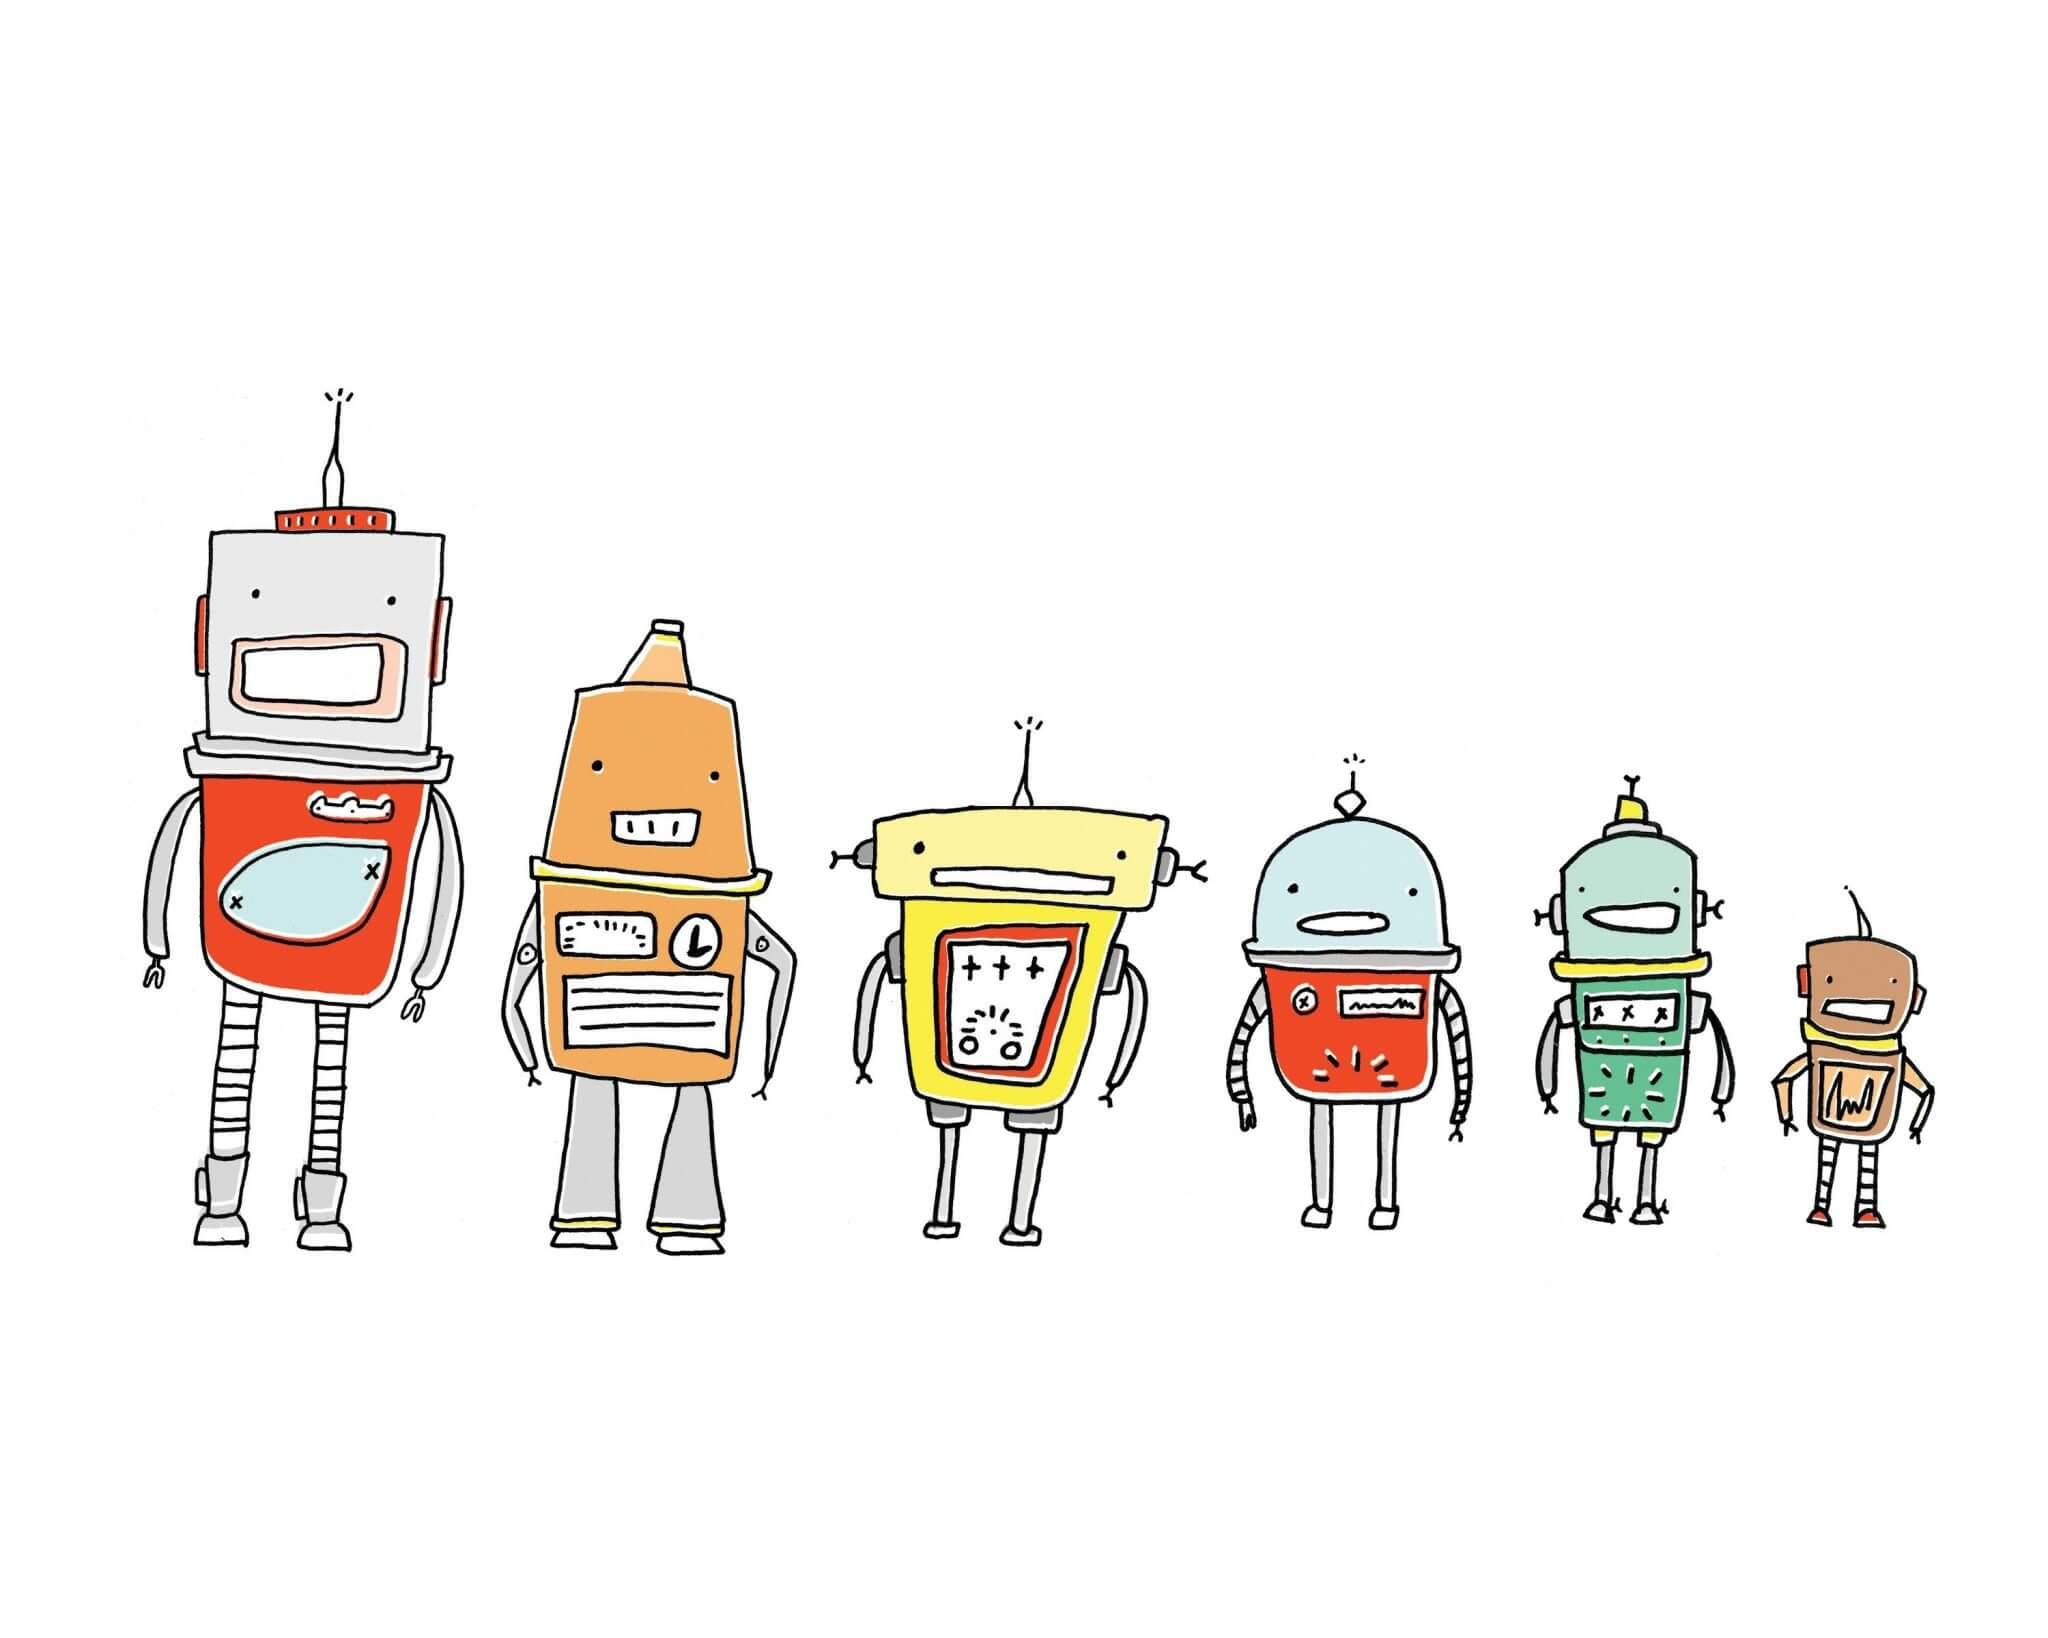 bots robots